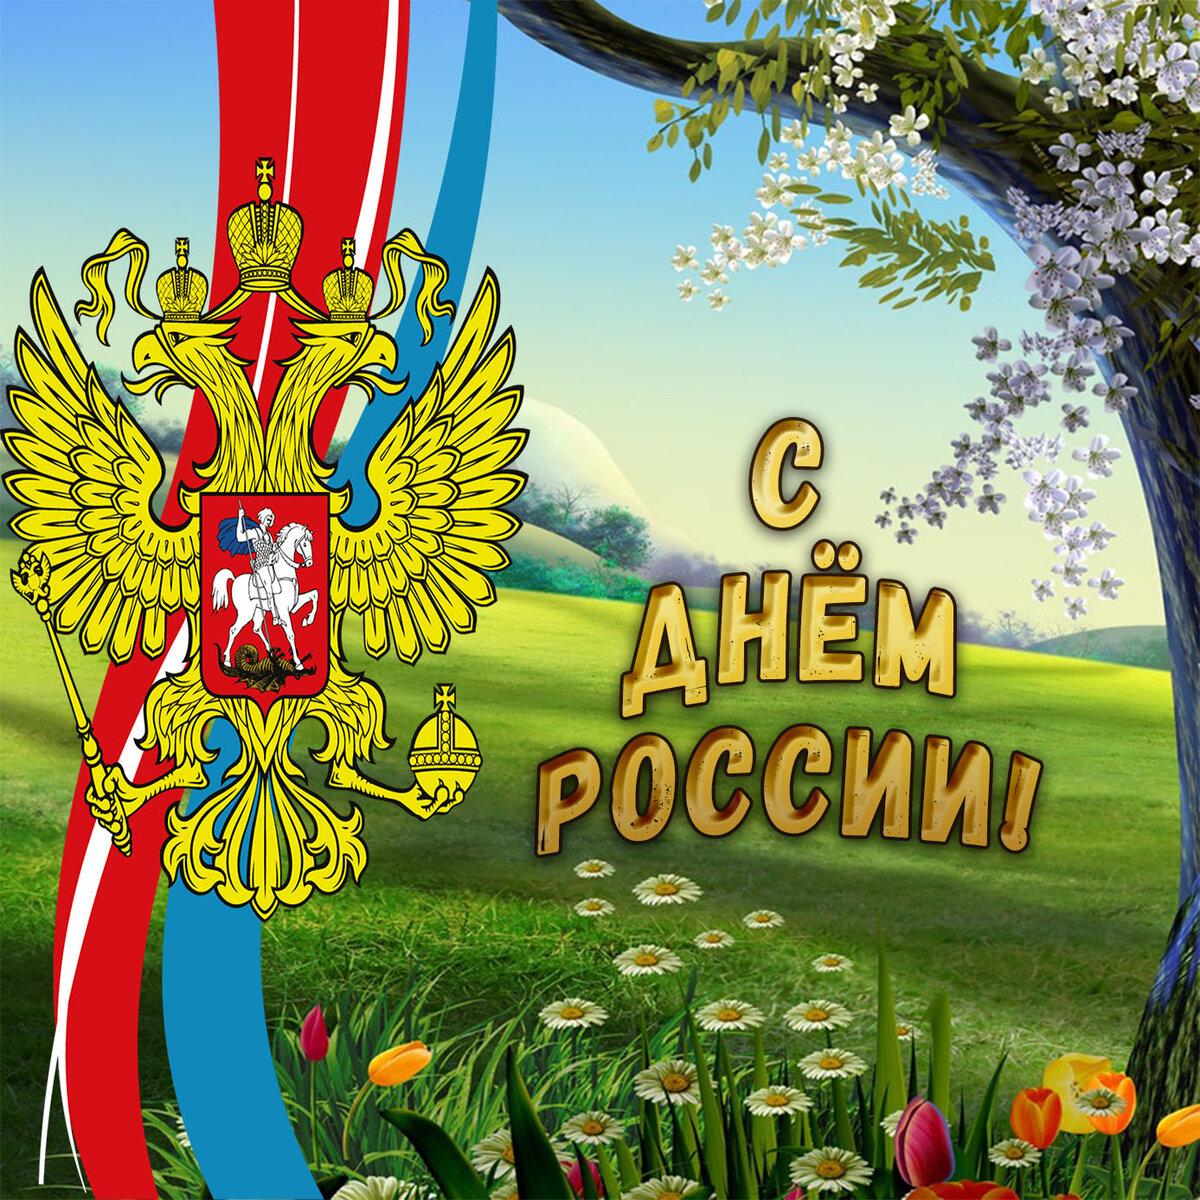 масло день россии дата собрали некоторые лучших